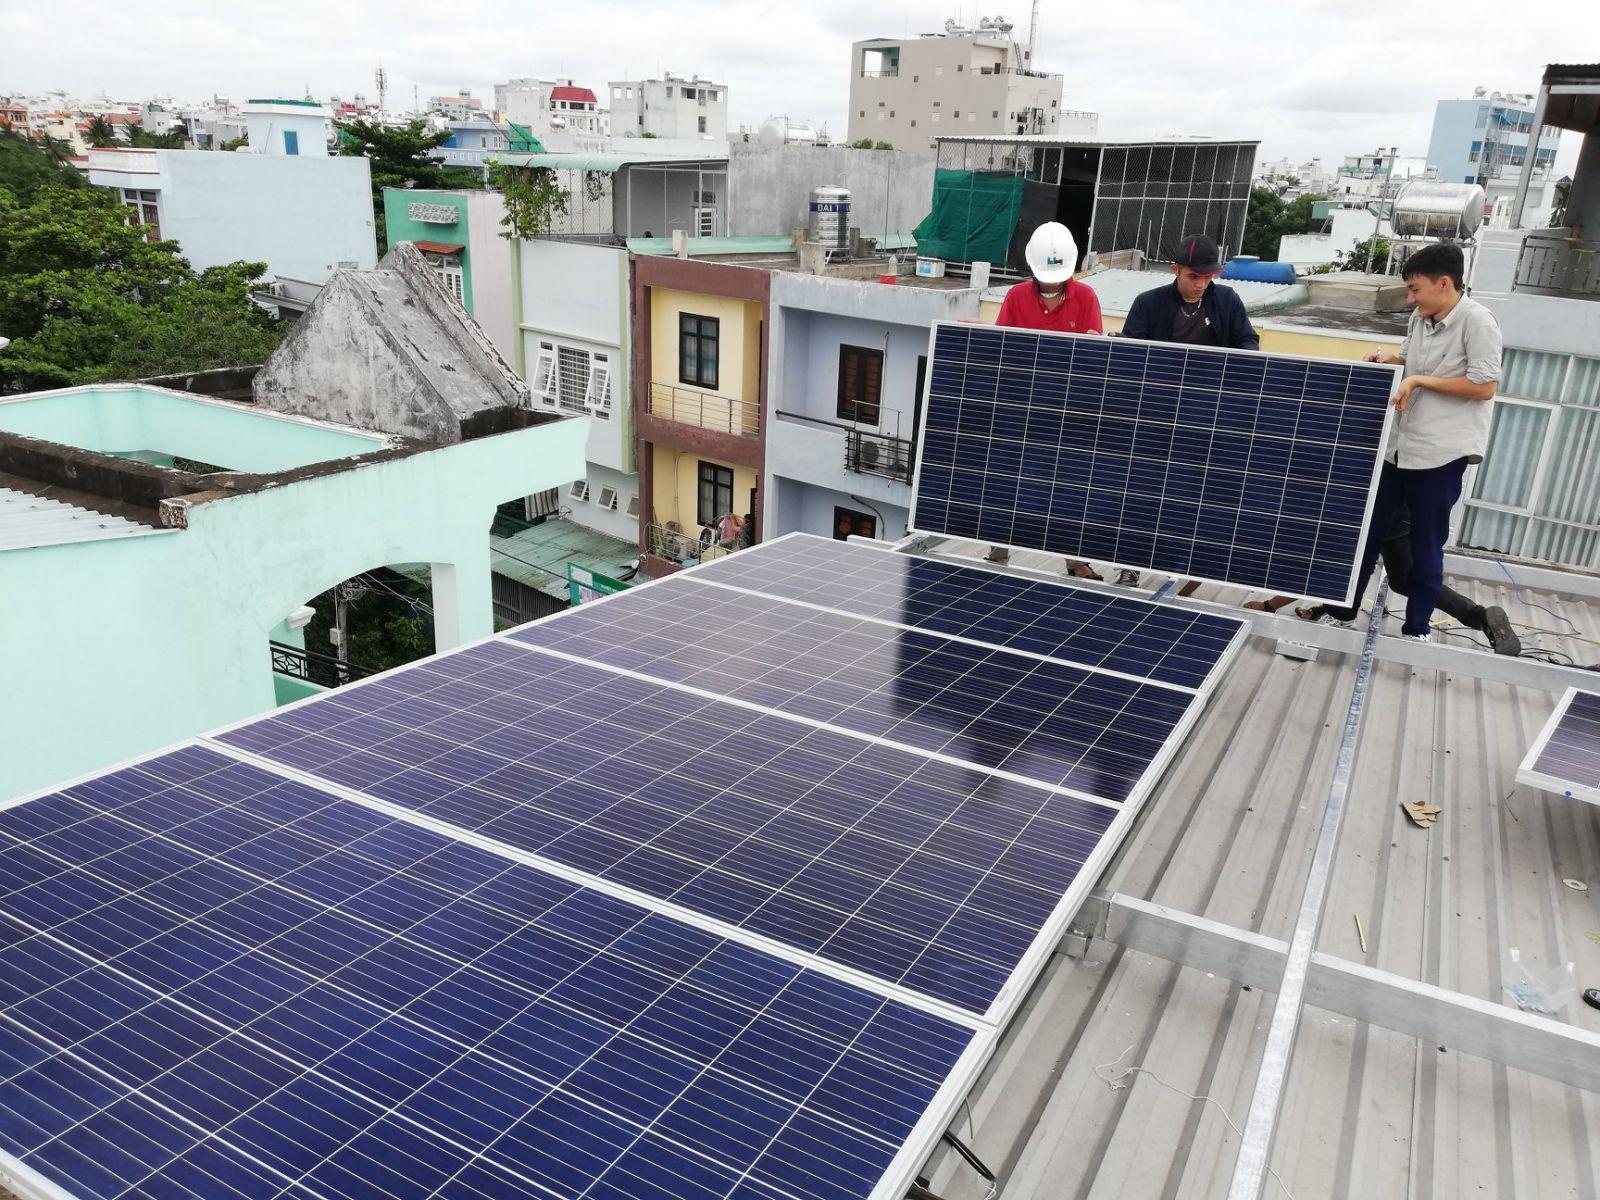 Nhiều hộ gia đình sản xuất điện năng lượng mặt trời bán cho ngành điện